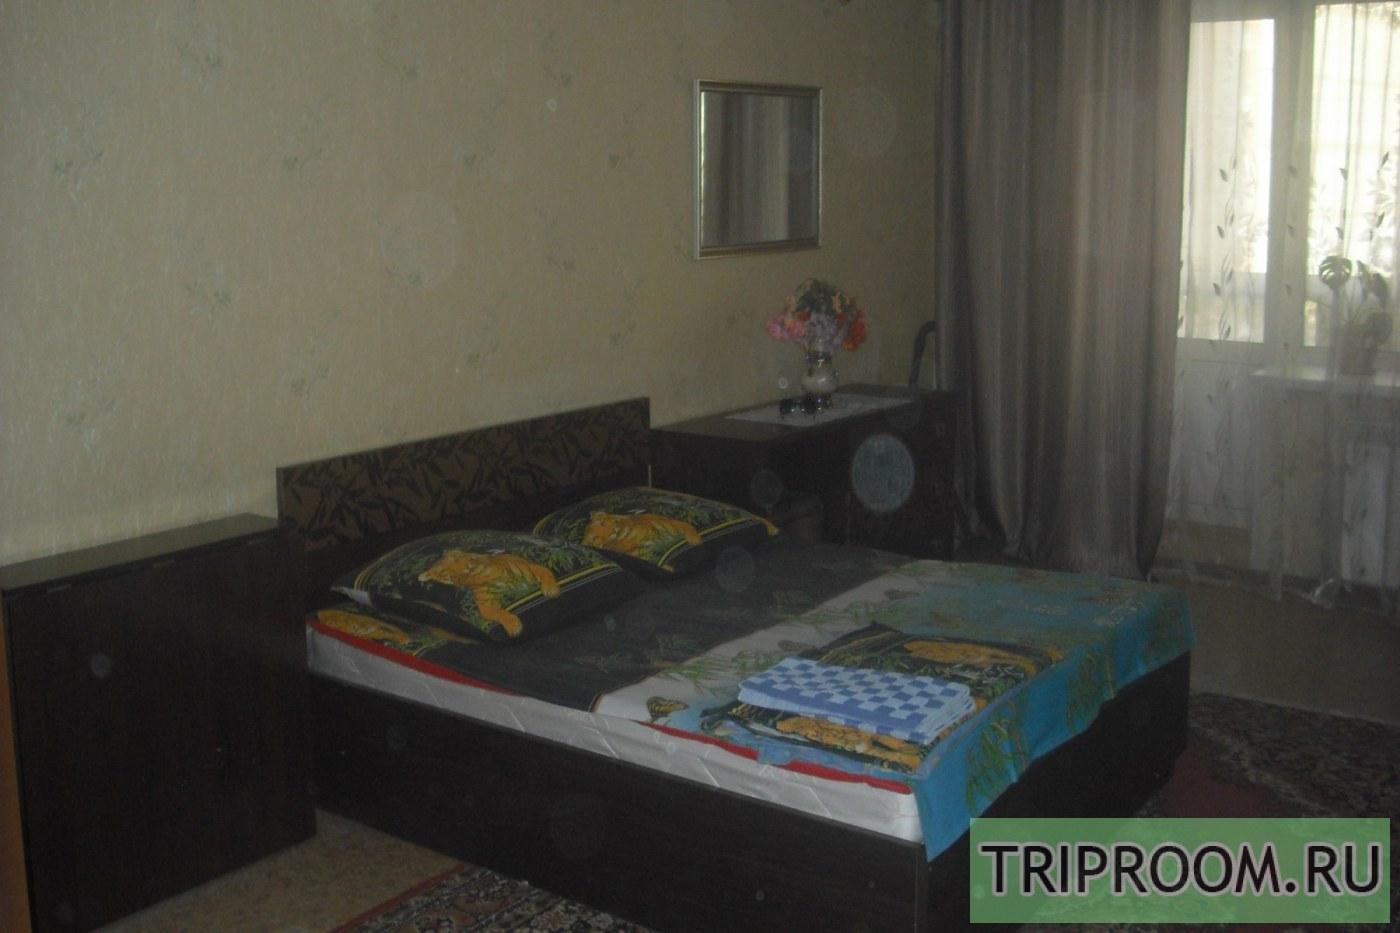 1-комнатная квартира посуточно (вариант № 39359), ул. Ивана Черных улица, фото № 1